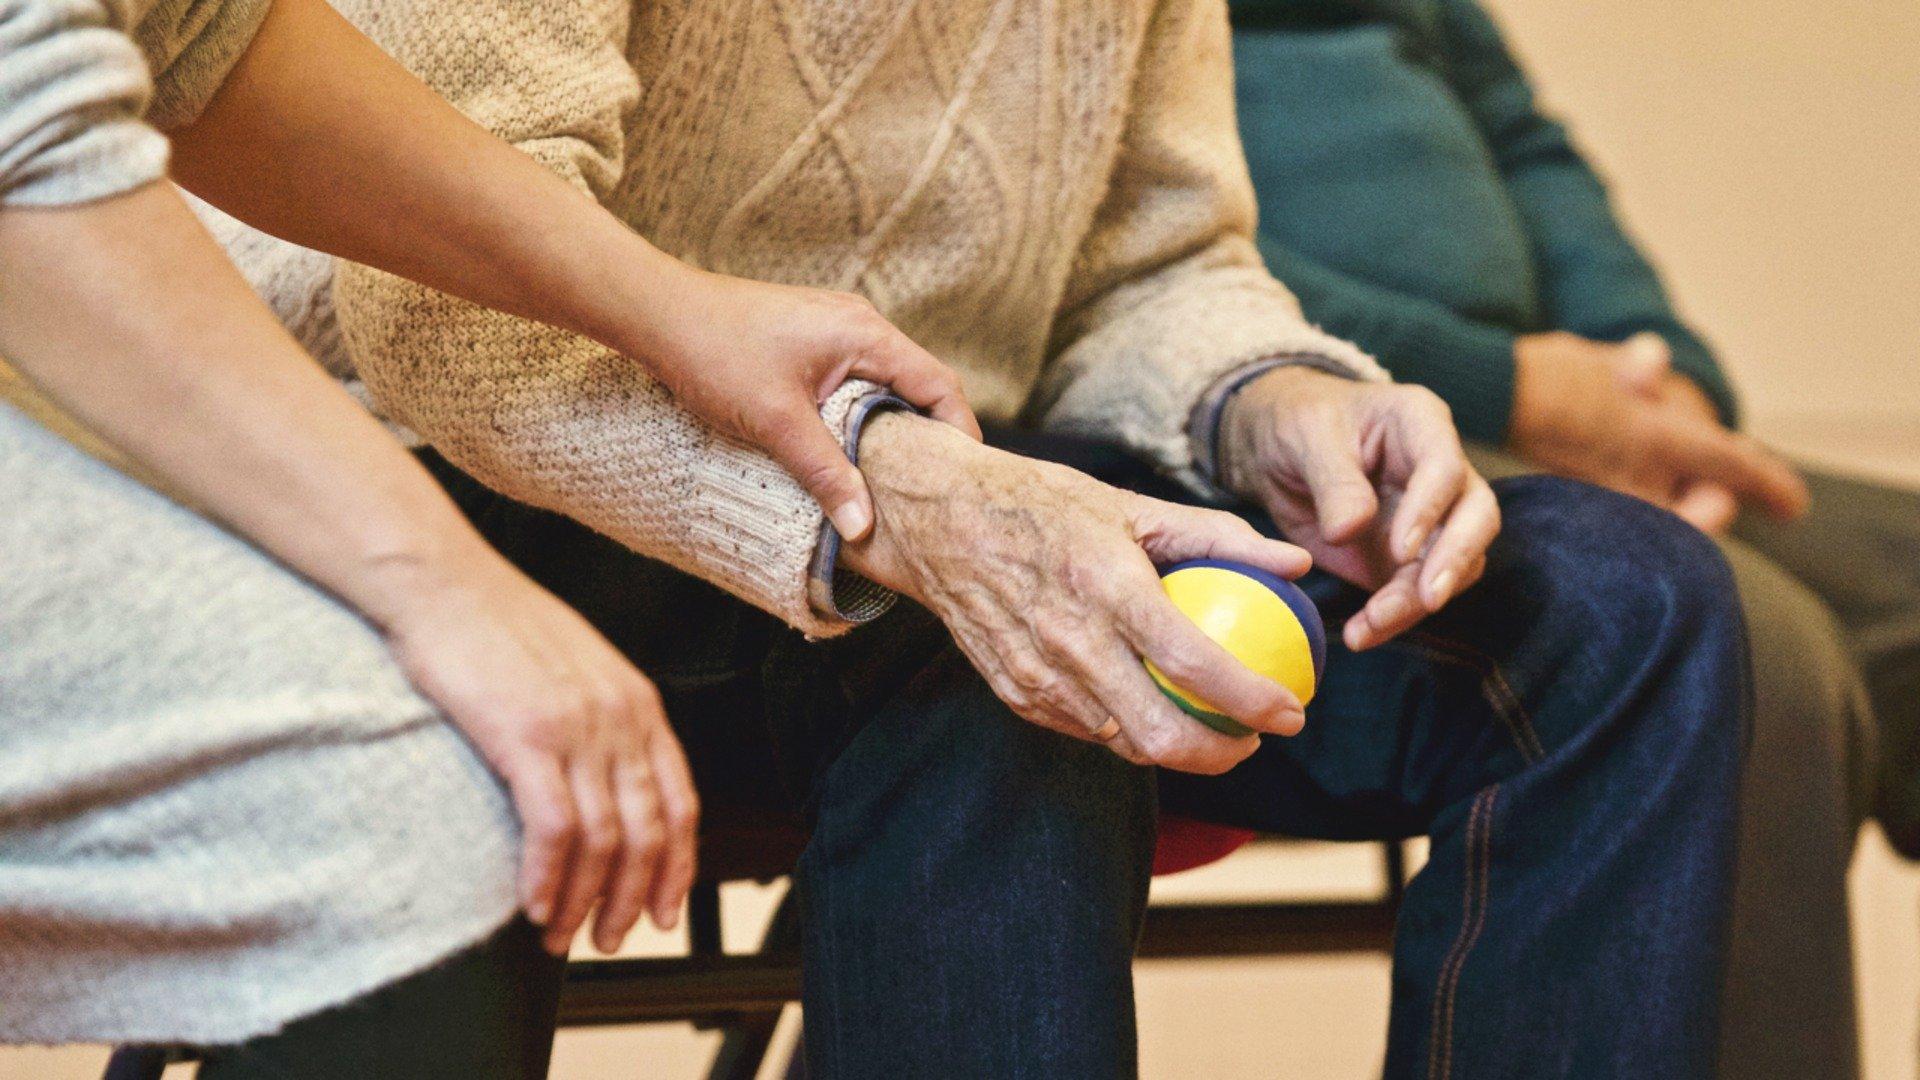 Bedwelming 10 leuke spelletjes voor ouderen en dementerende ouderen @FR22